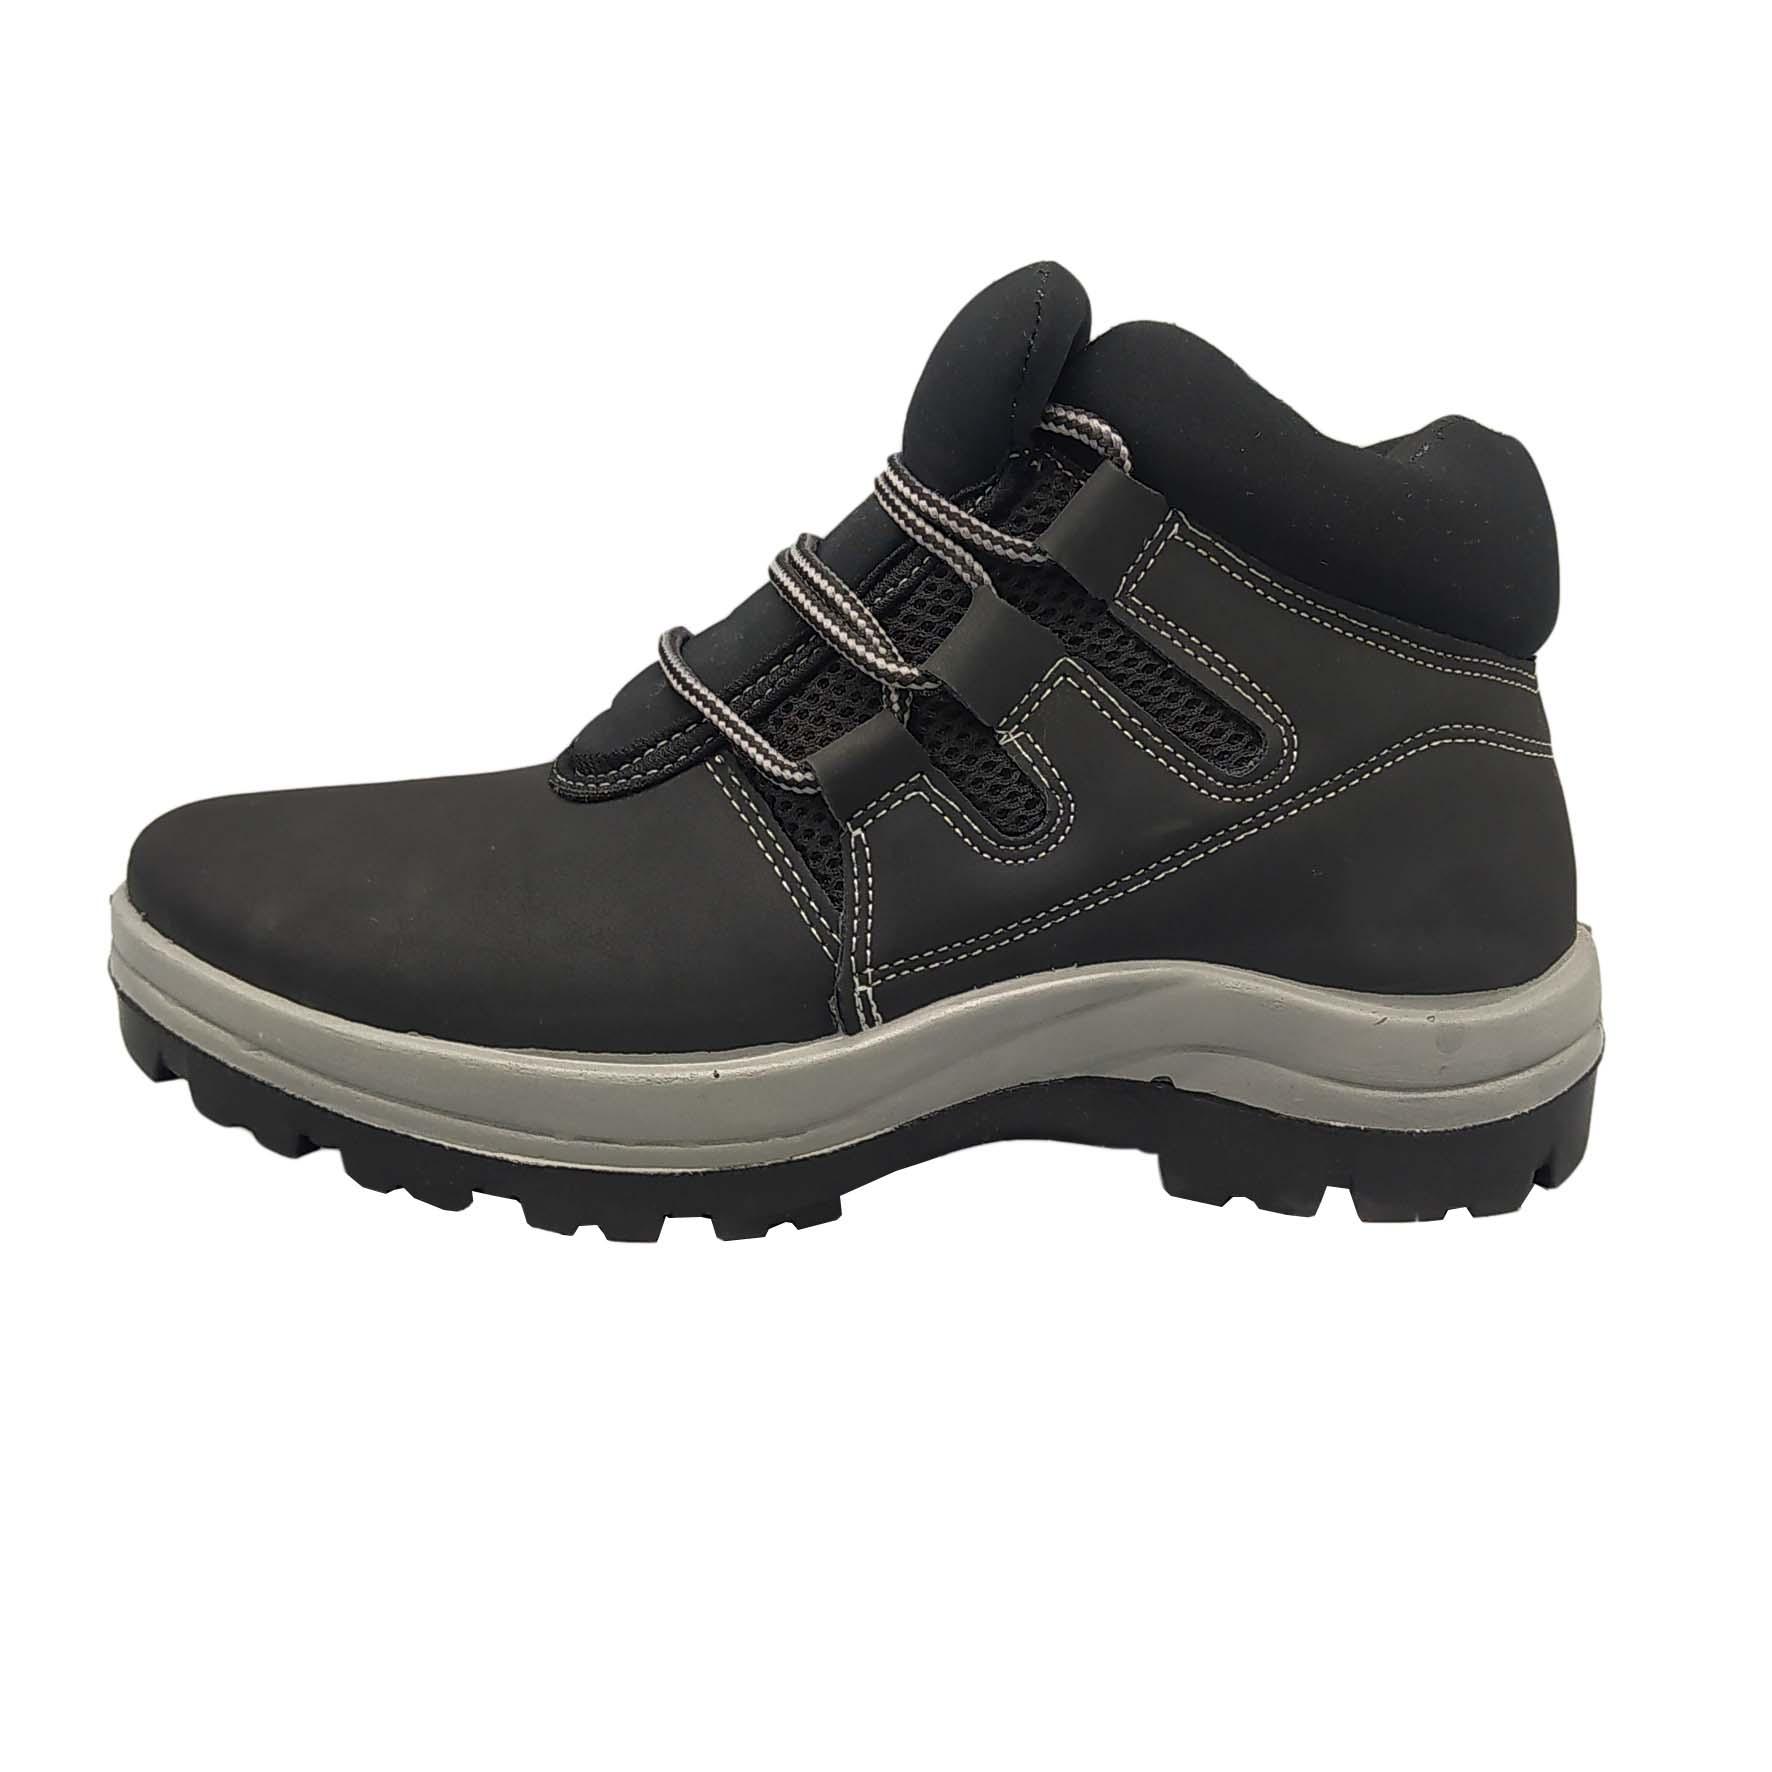 کفش کوهنوردی مردانه ای ال ام مدل ماهان